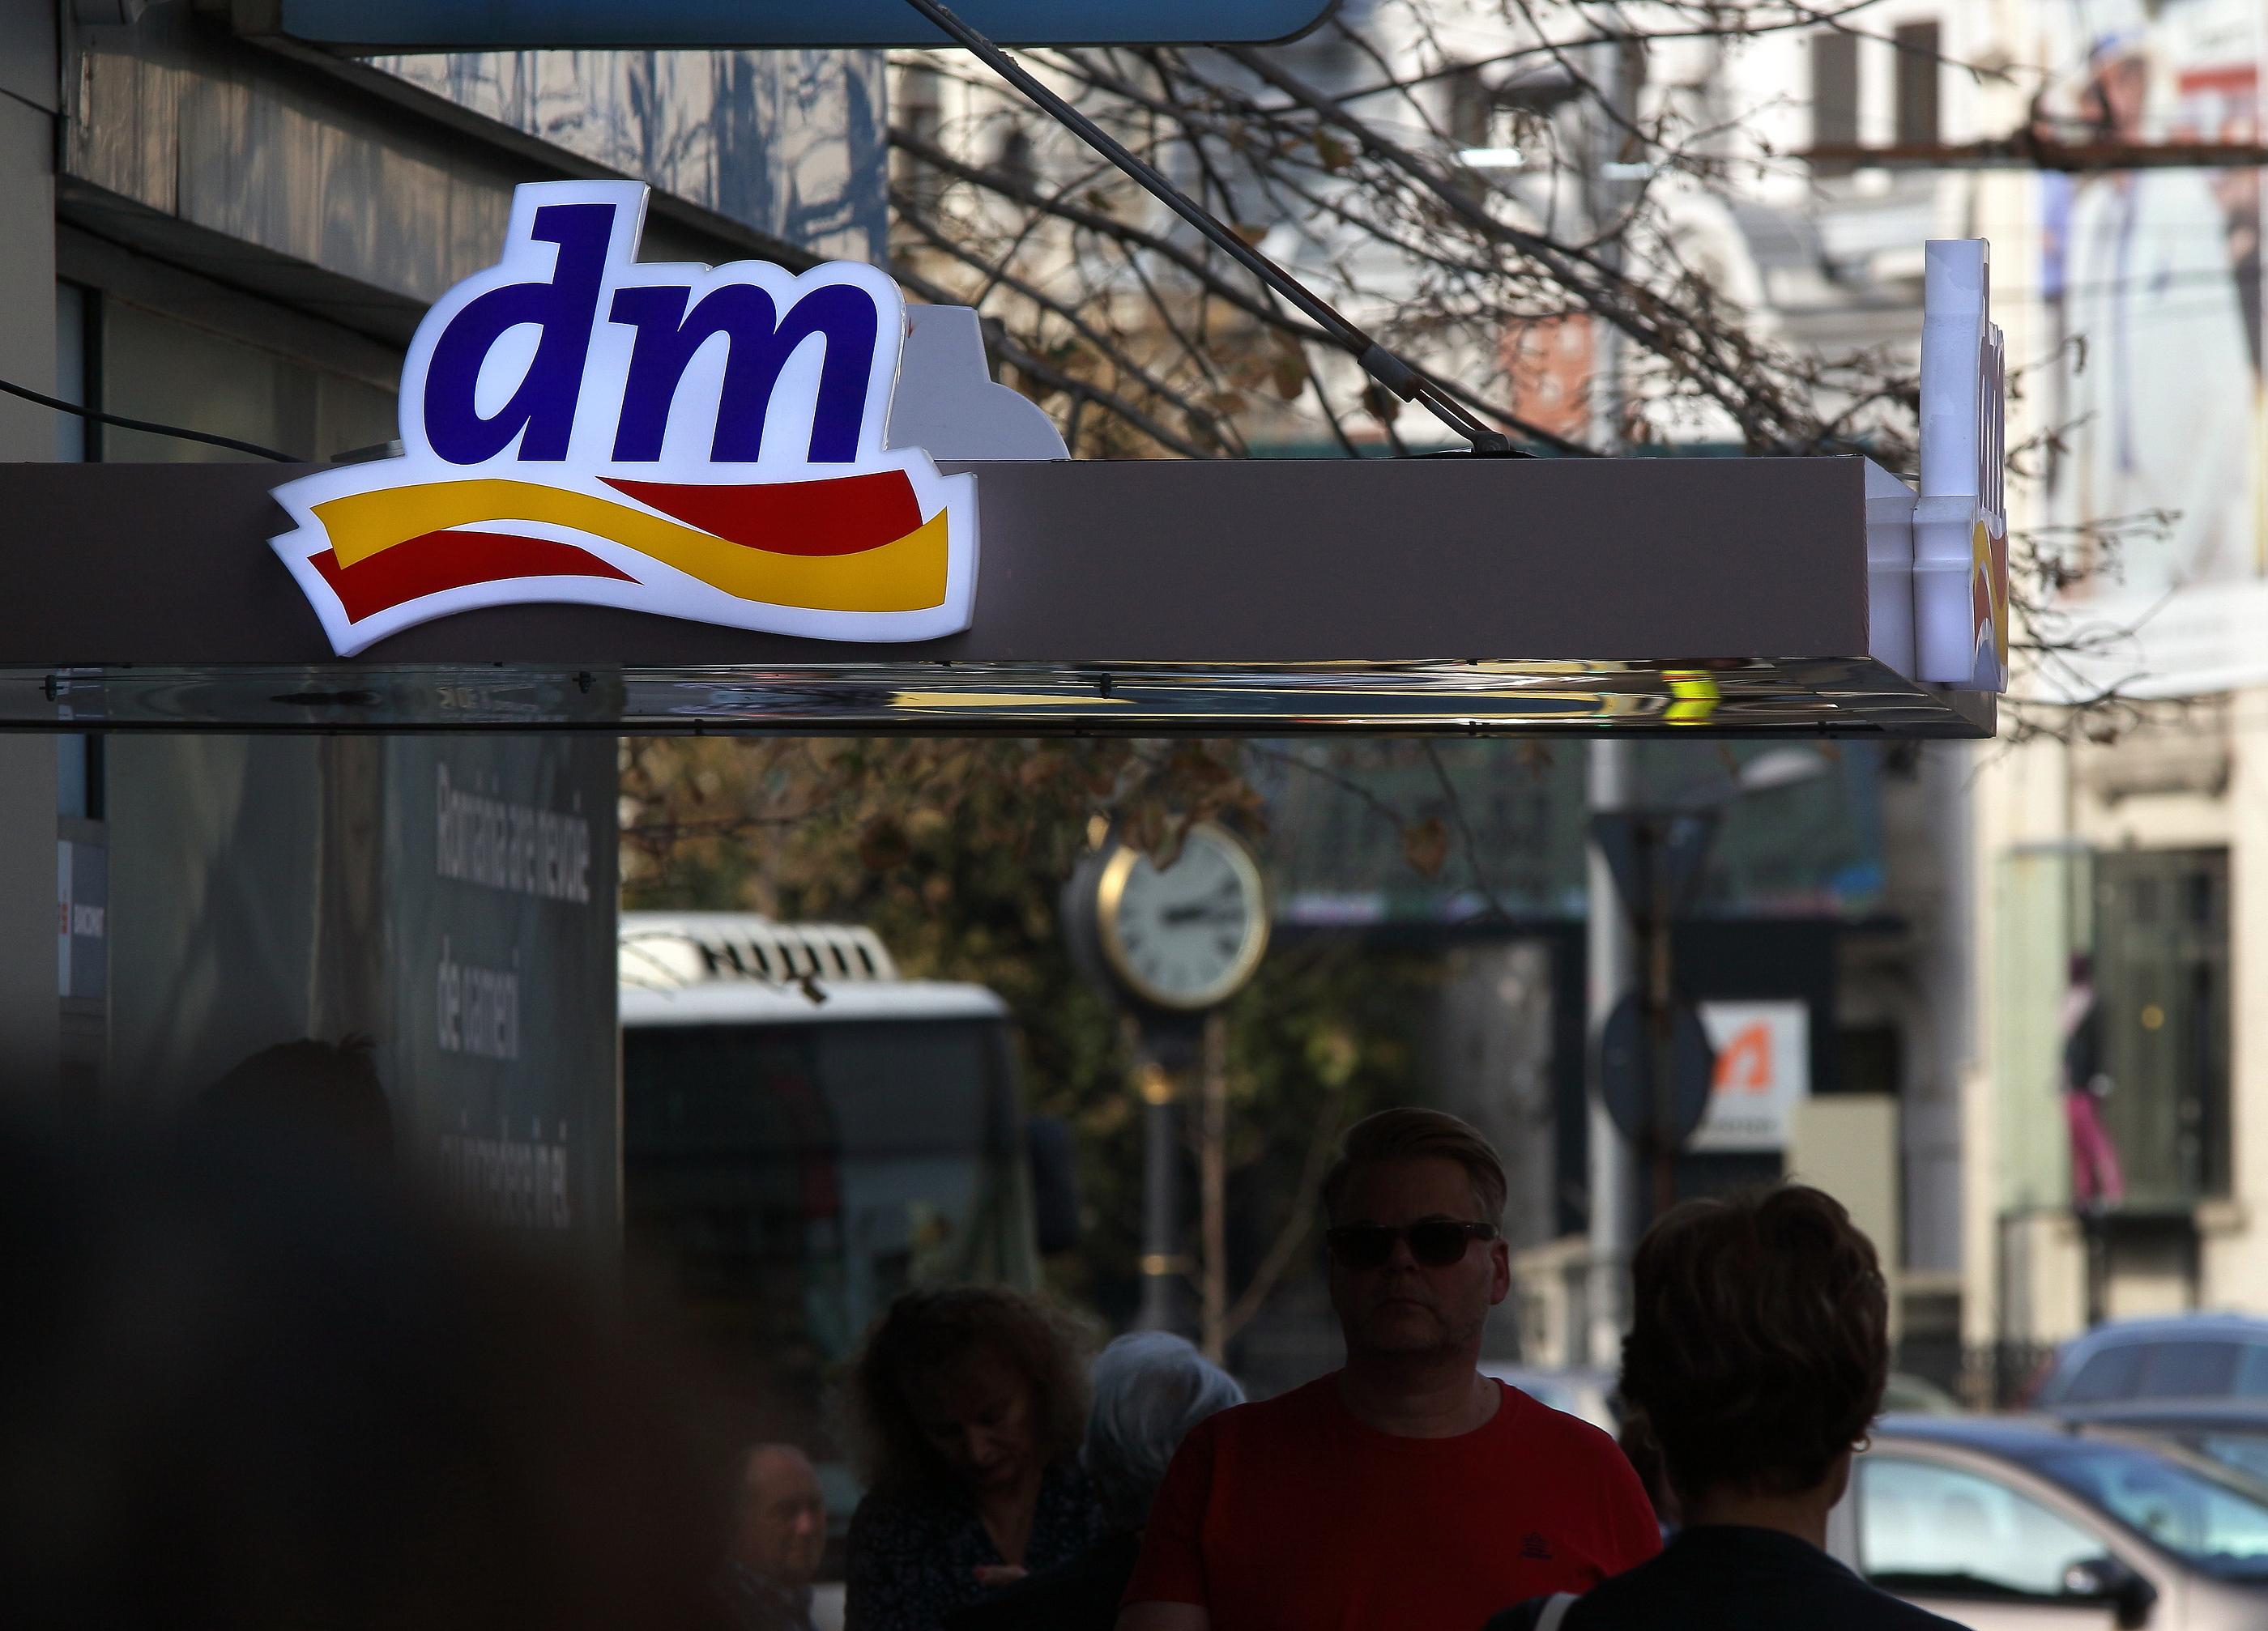 Sieć drogerii dm-drogerie markt wchodzi do Polski?